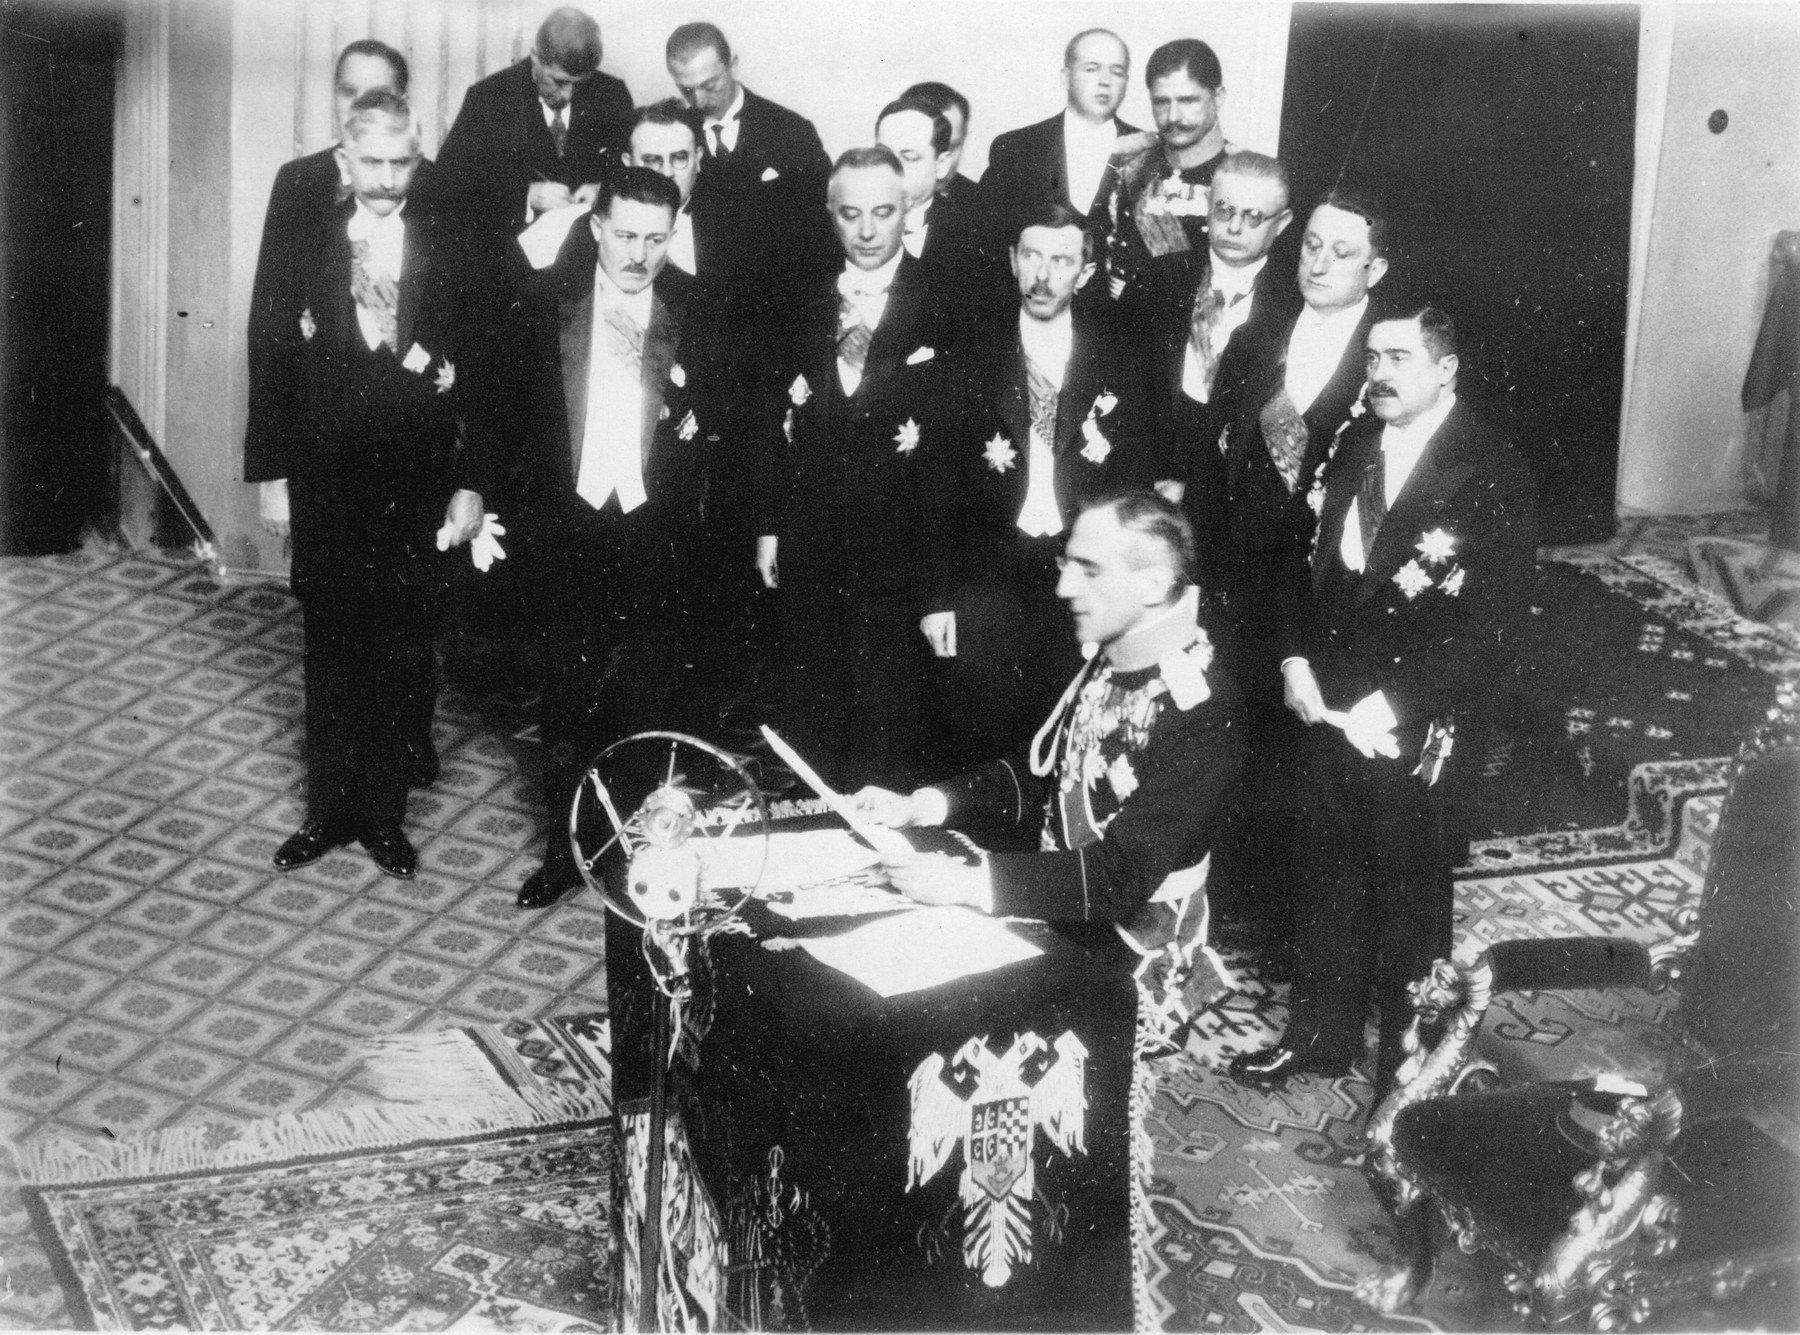 Kralj Aleksandar suspendirao je Ustav, raspustio Narodnu skupštinu, a sve stranke s nacionalnim obilježjem zabranio. Tako je počeo državni teror u kojem su prvi stradali najžešći protivnici režima – komunisti i hrvatski nacionalisti